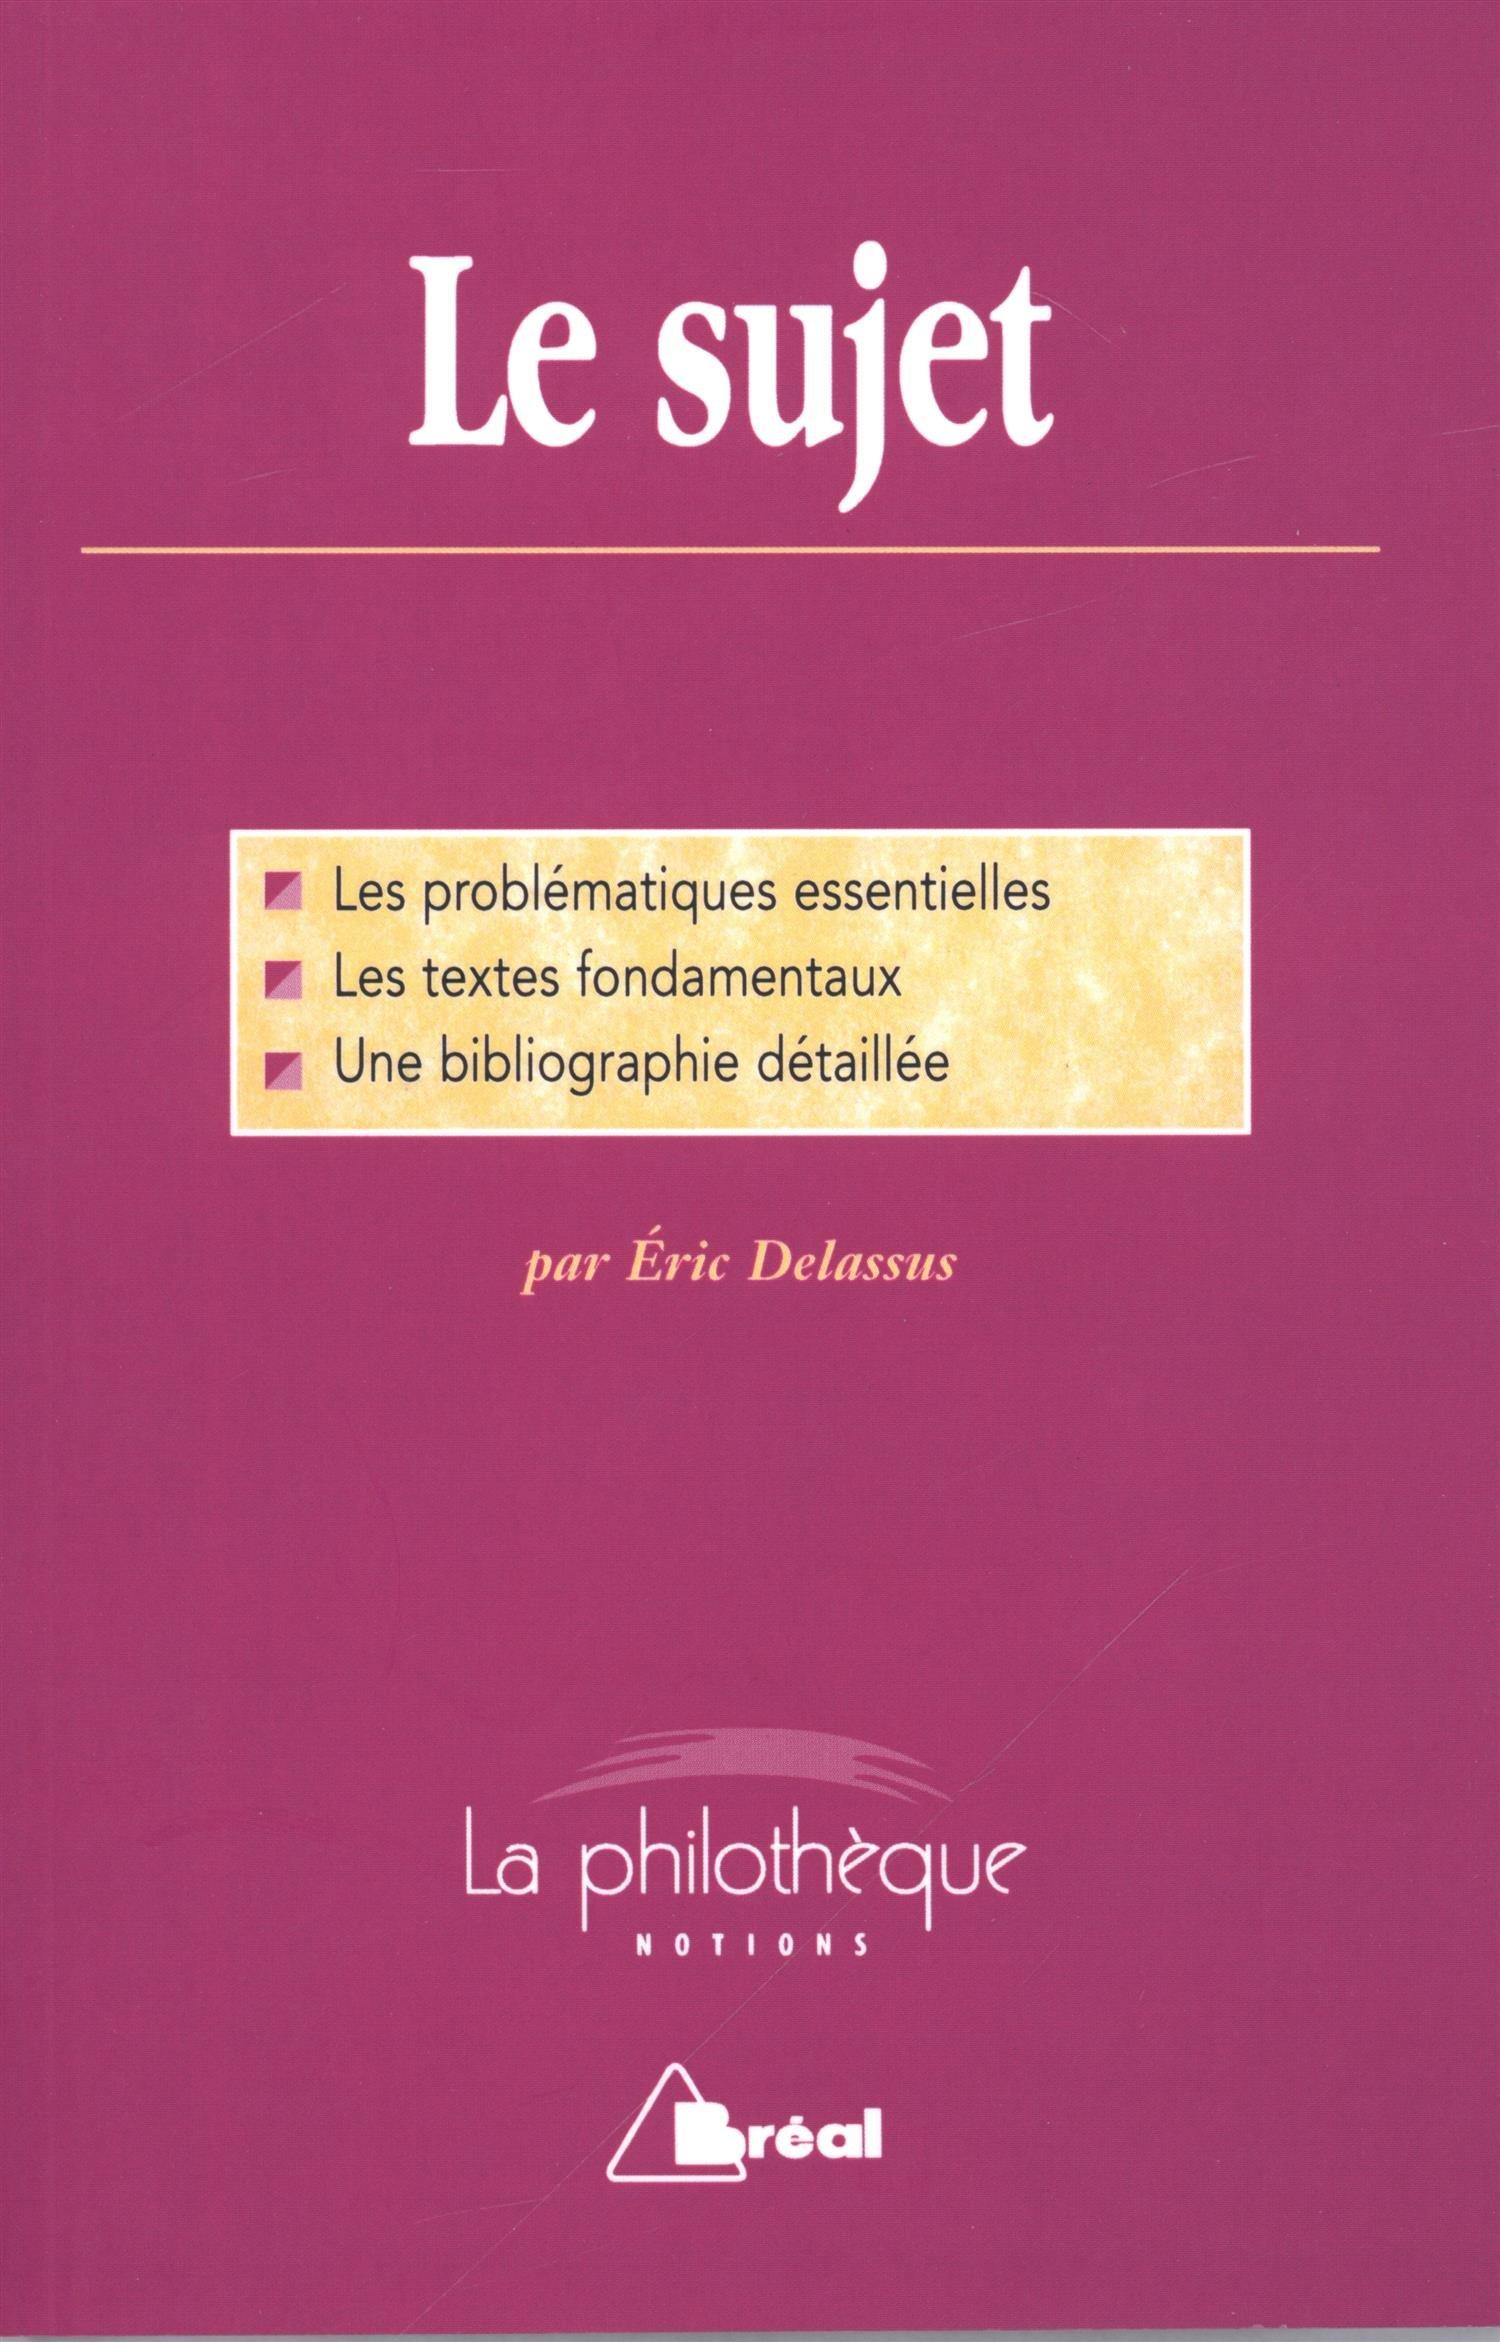 Le sujet (La philothèque): Amazon.es: Eric Delassus: Libros en idiomas extranjeros